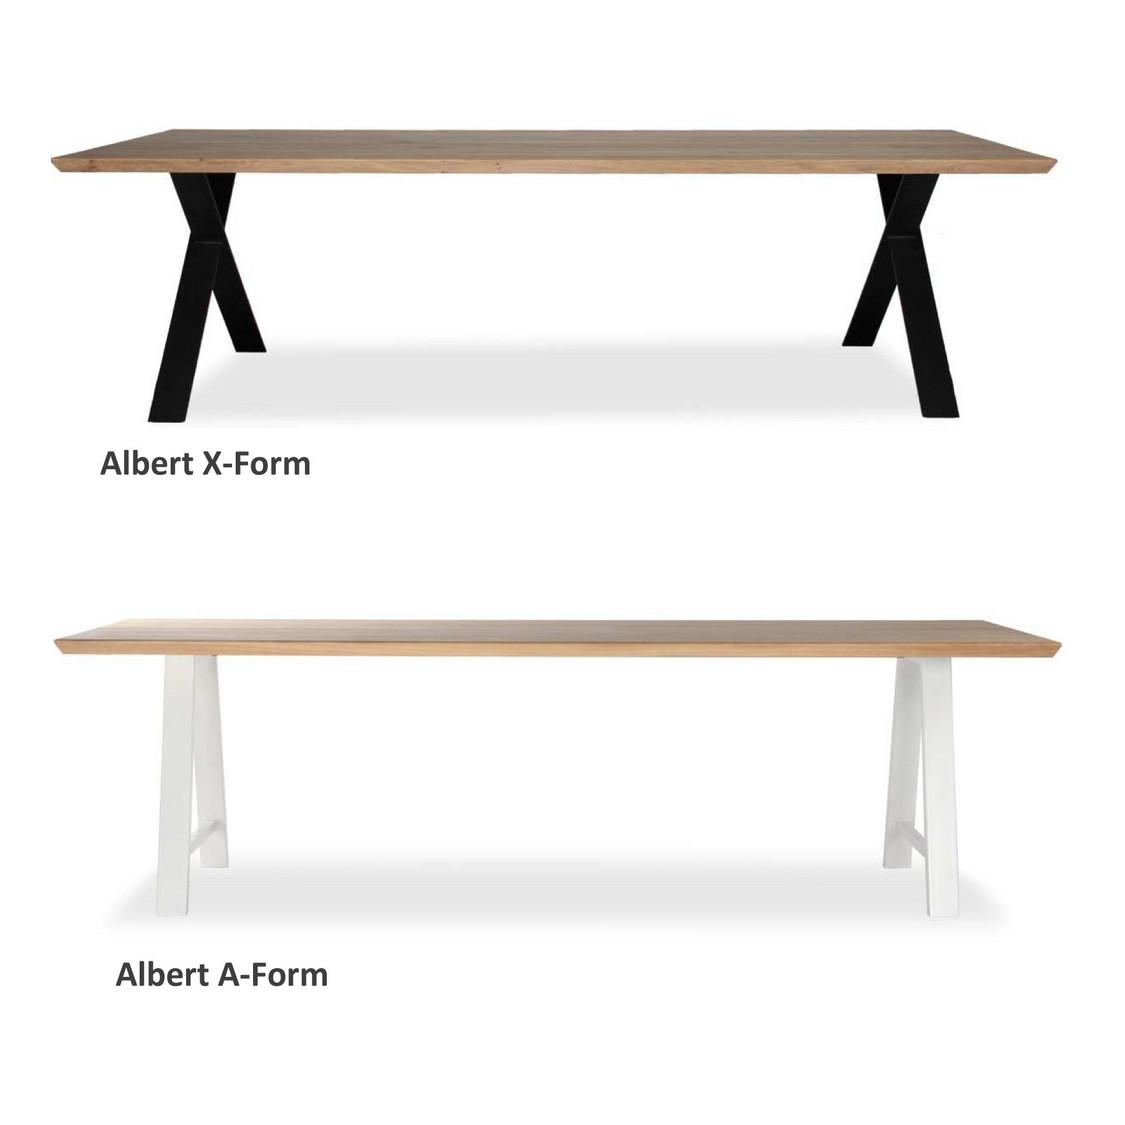 Full Size of Esstische Albert Von Vincent Sheppard Hauptstadtmoebelde Rund Ausziehbar Massiv Design Moderne Runde Kleine Holz Designer Massivholz Esstische Esstische